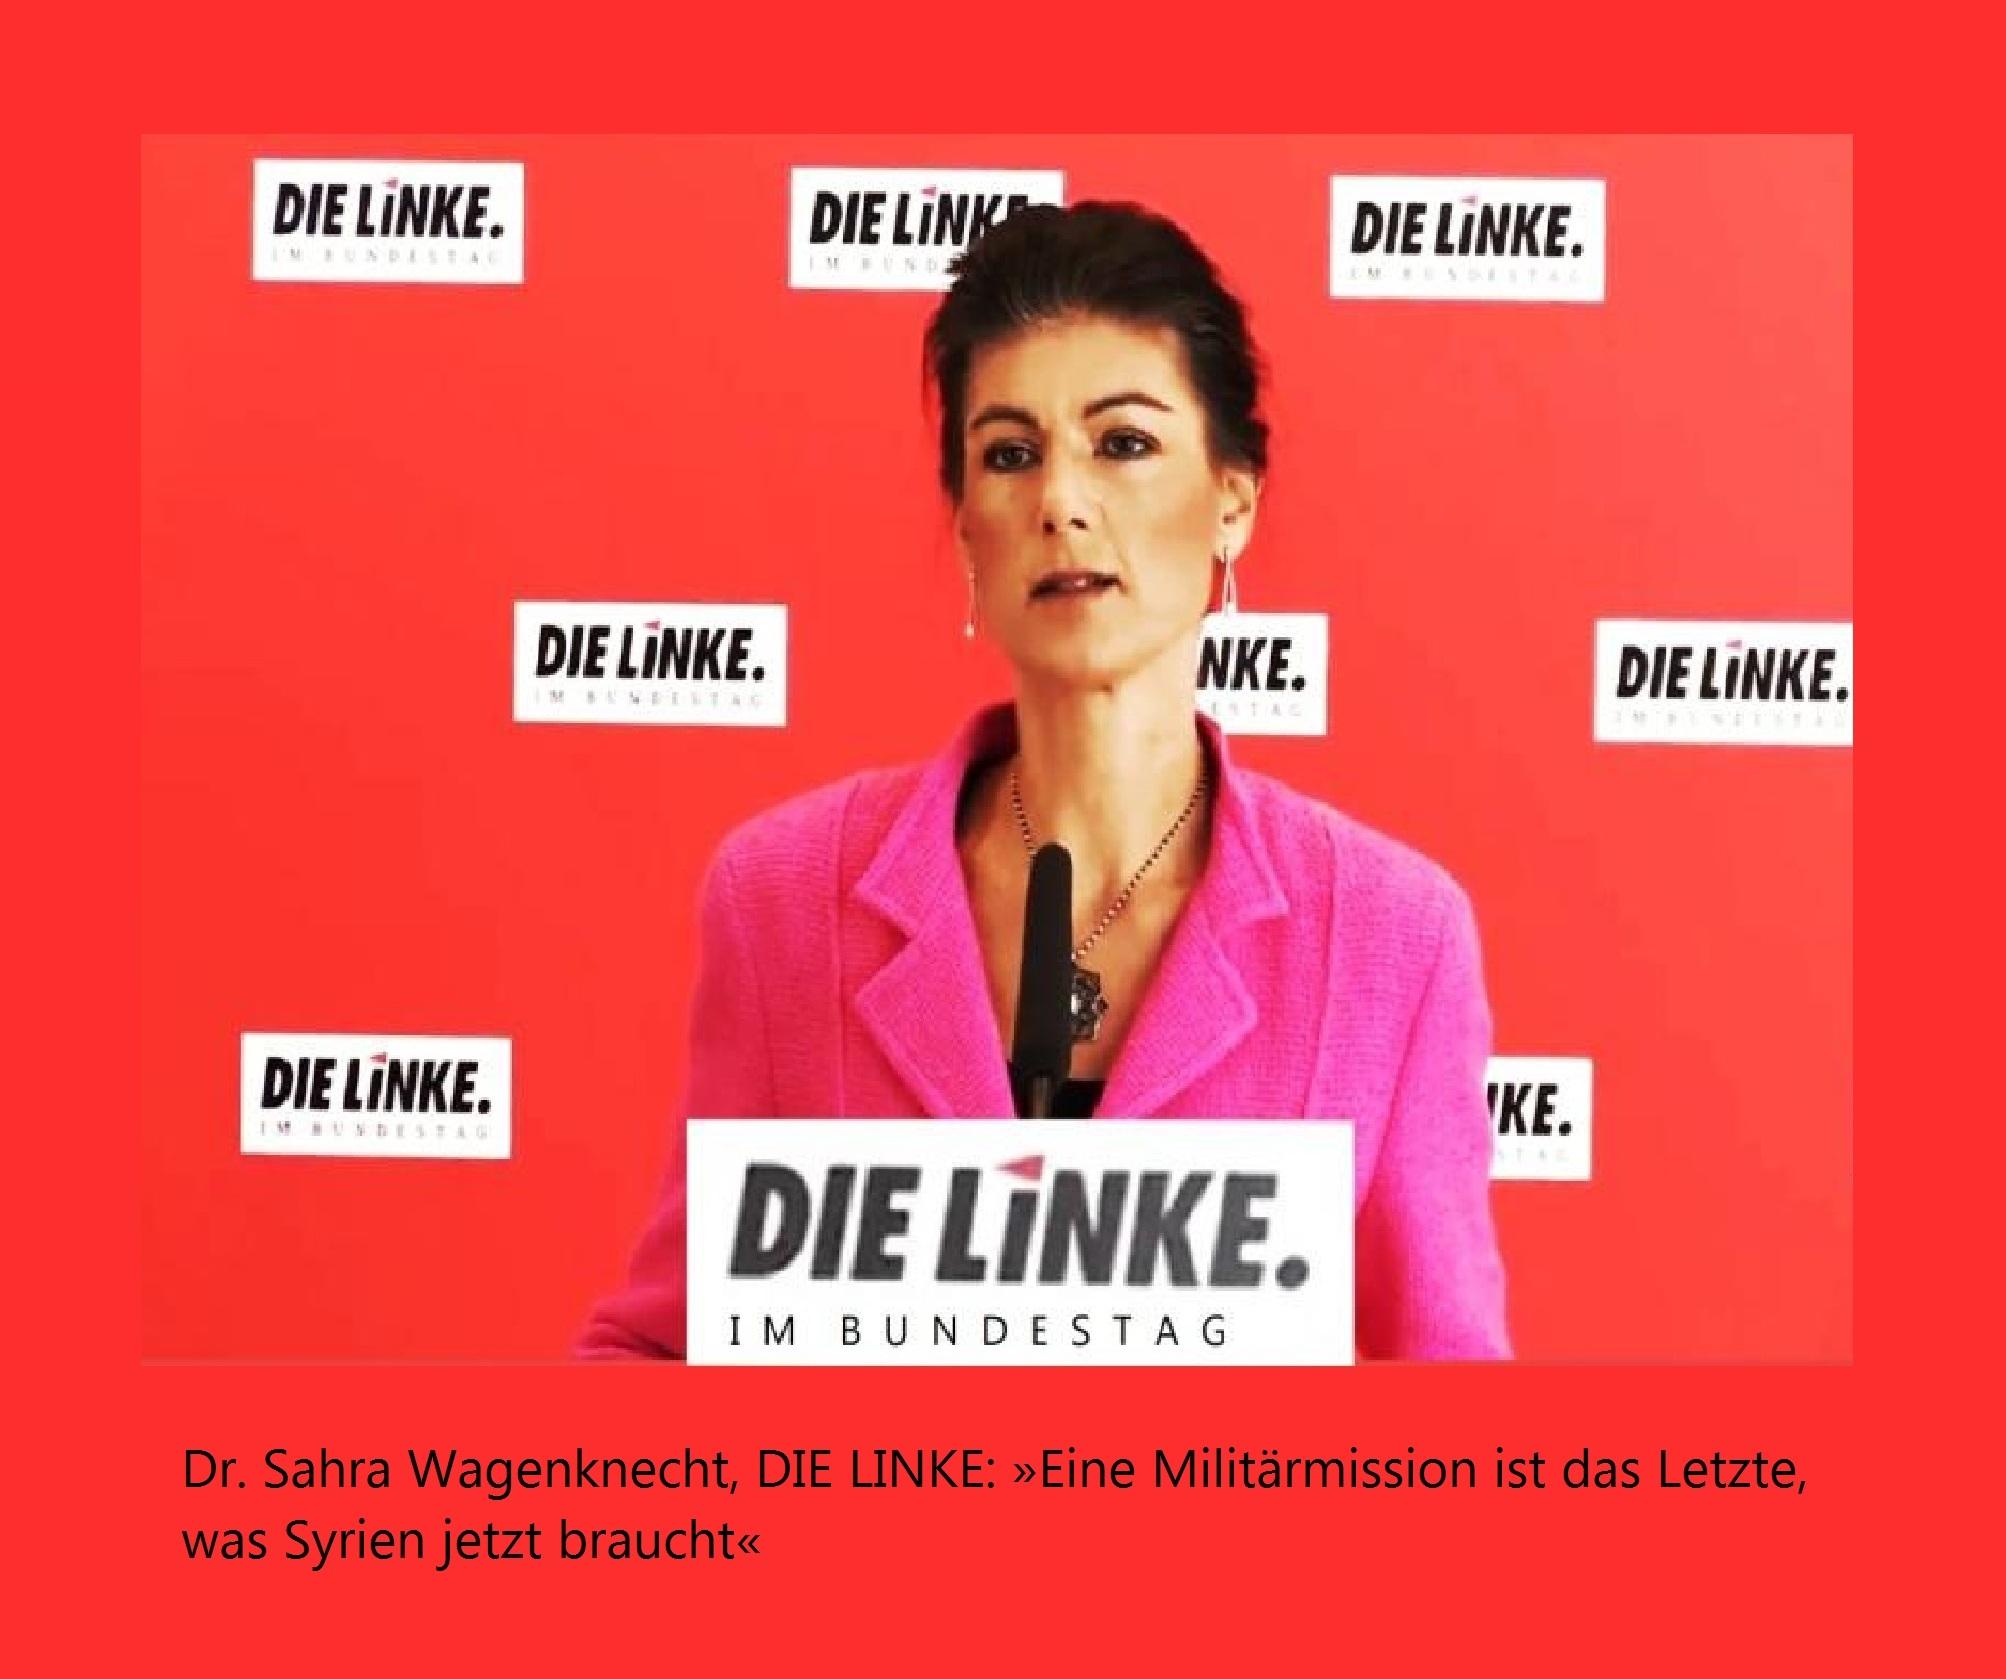 Sahra Wagenknecht, DIE LINKE: »Eine Militärmission ist das Letzte, was Syrien jetzt braucht«